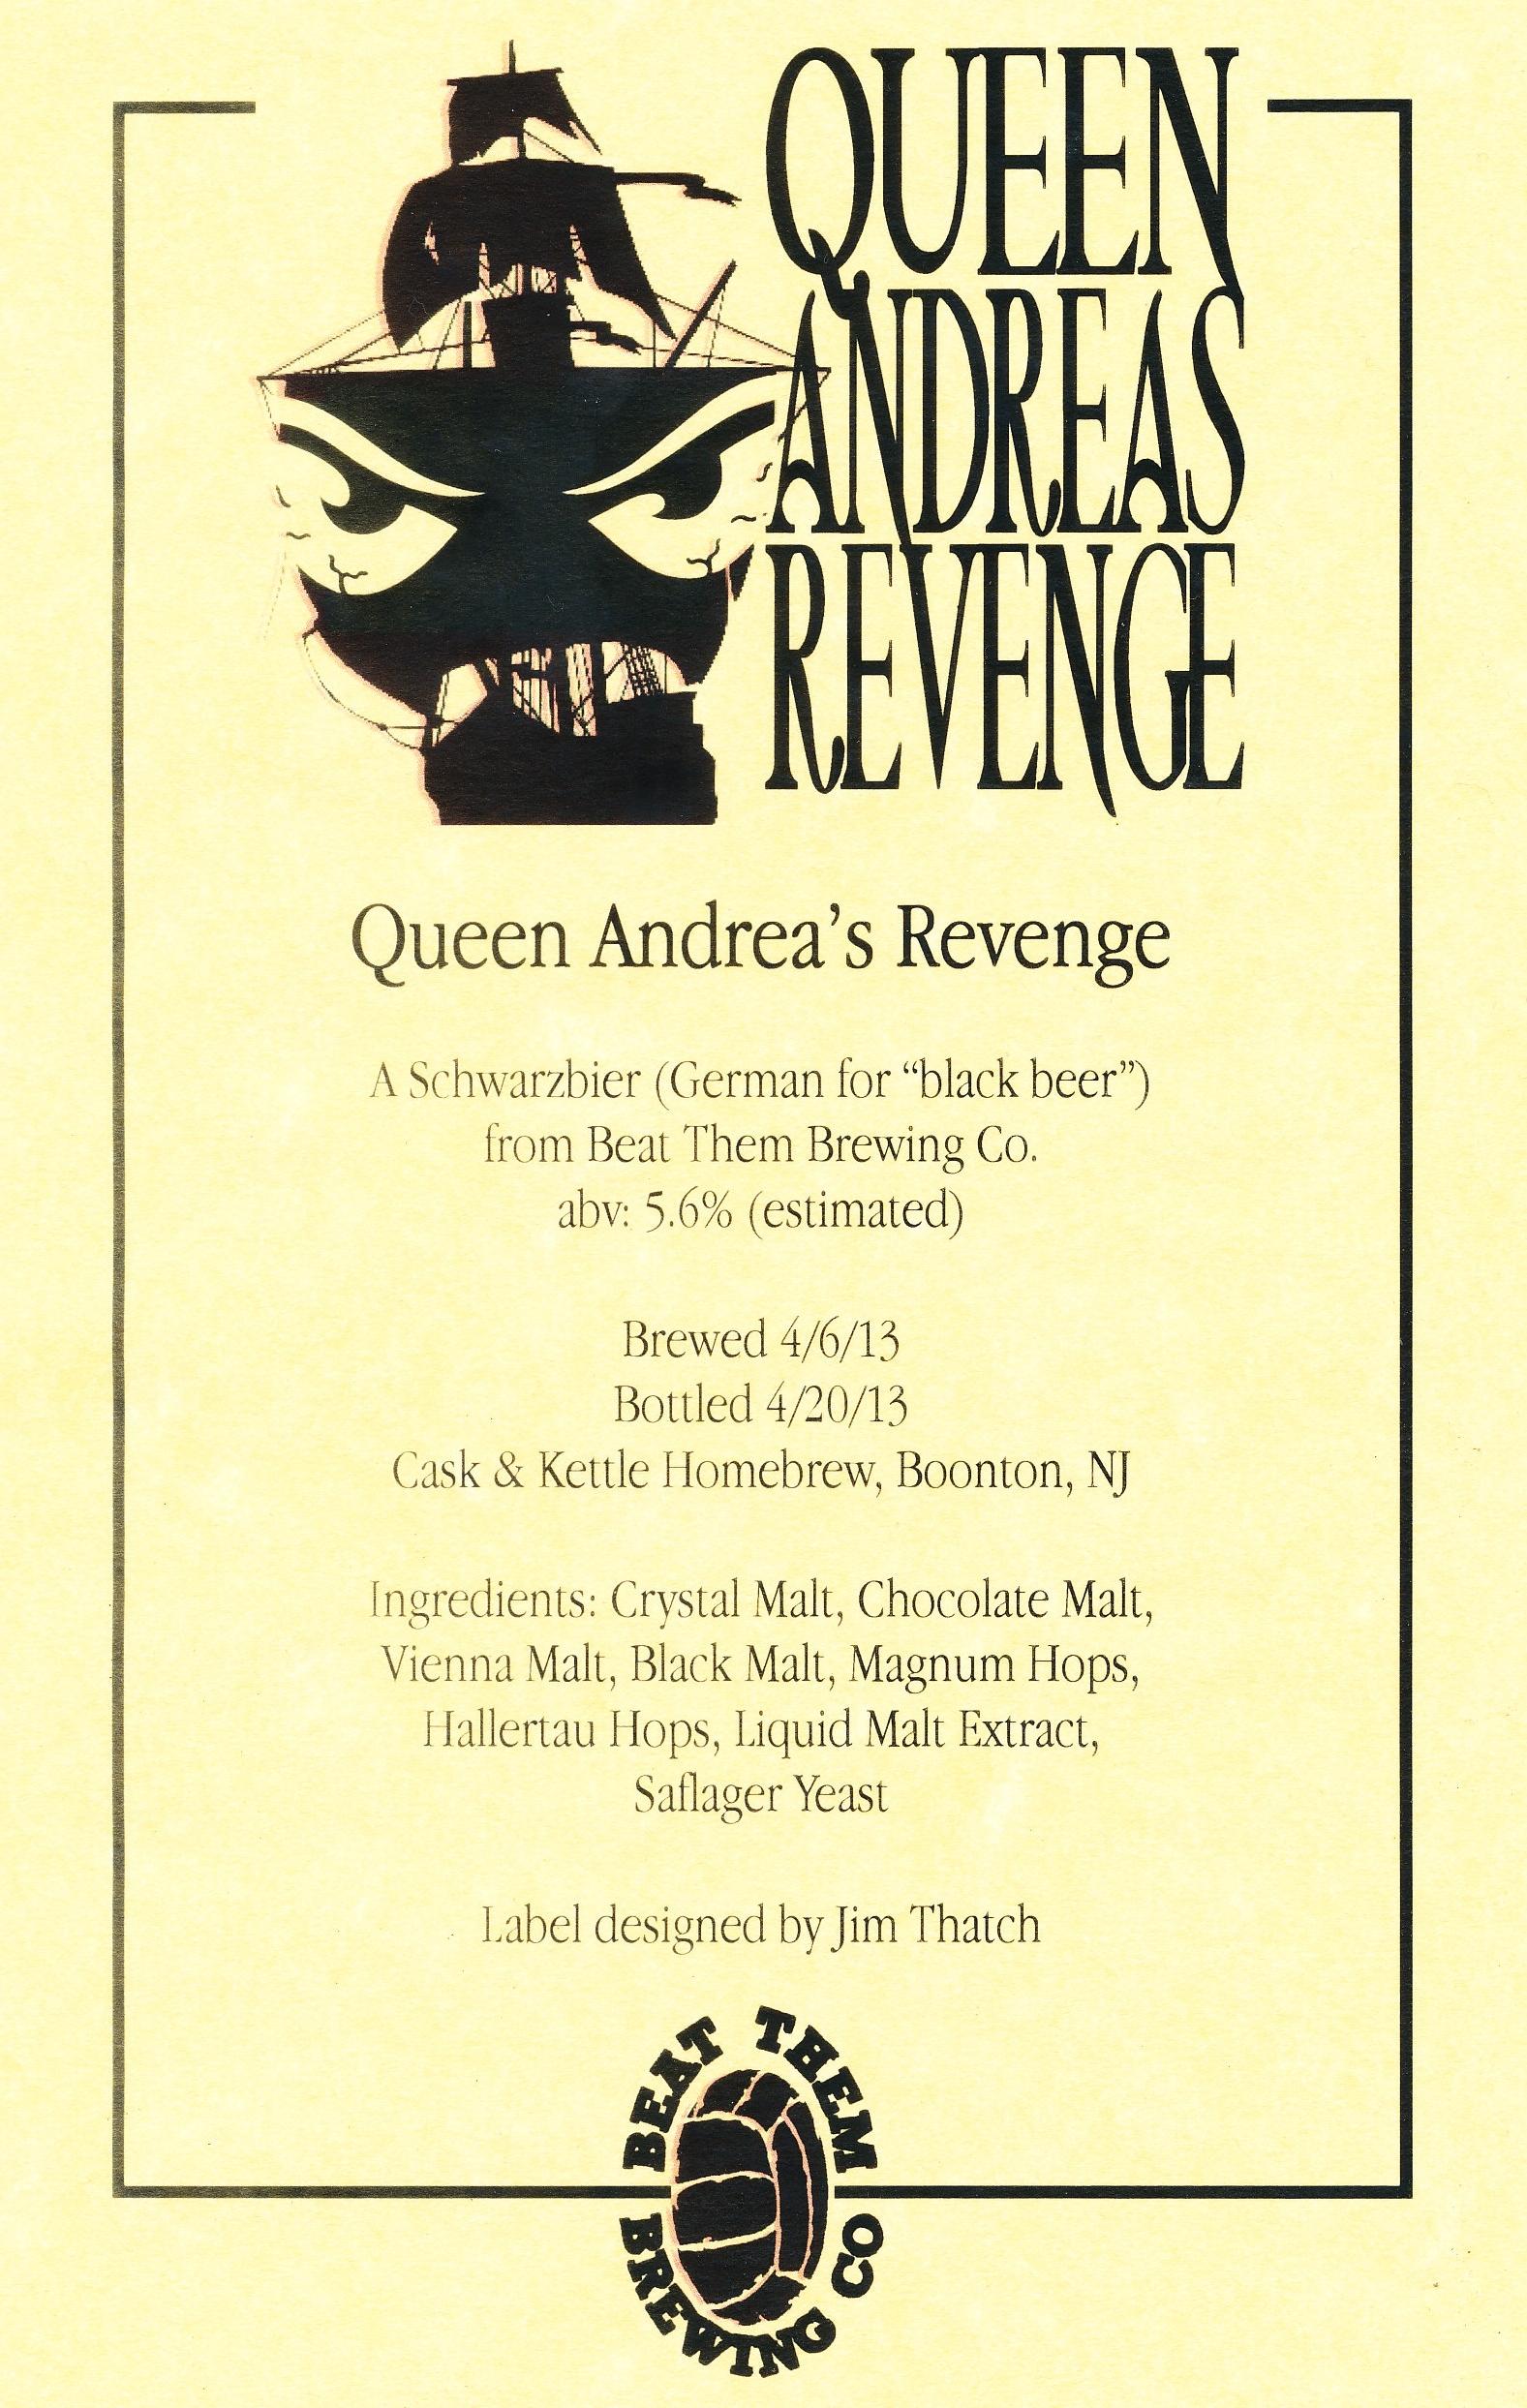 QueenAndreasRevenge-fax